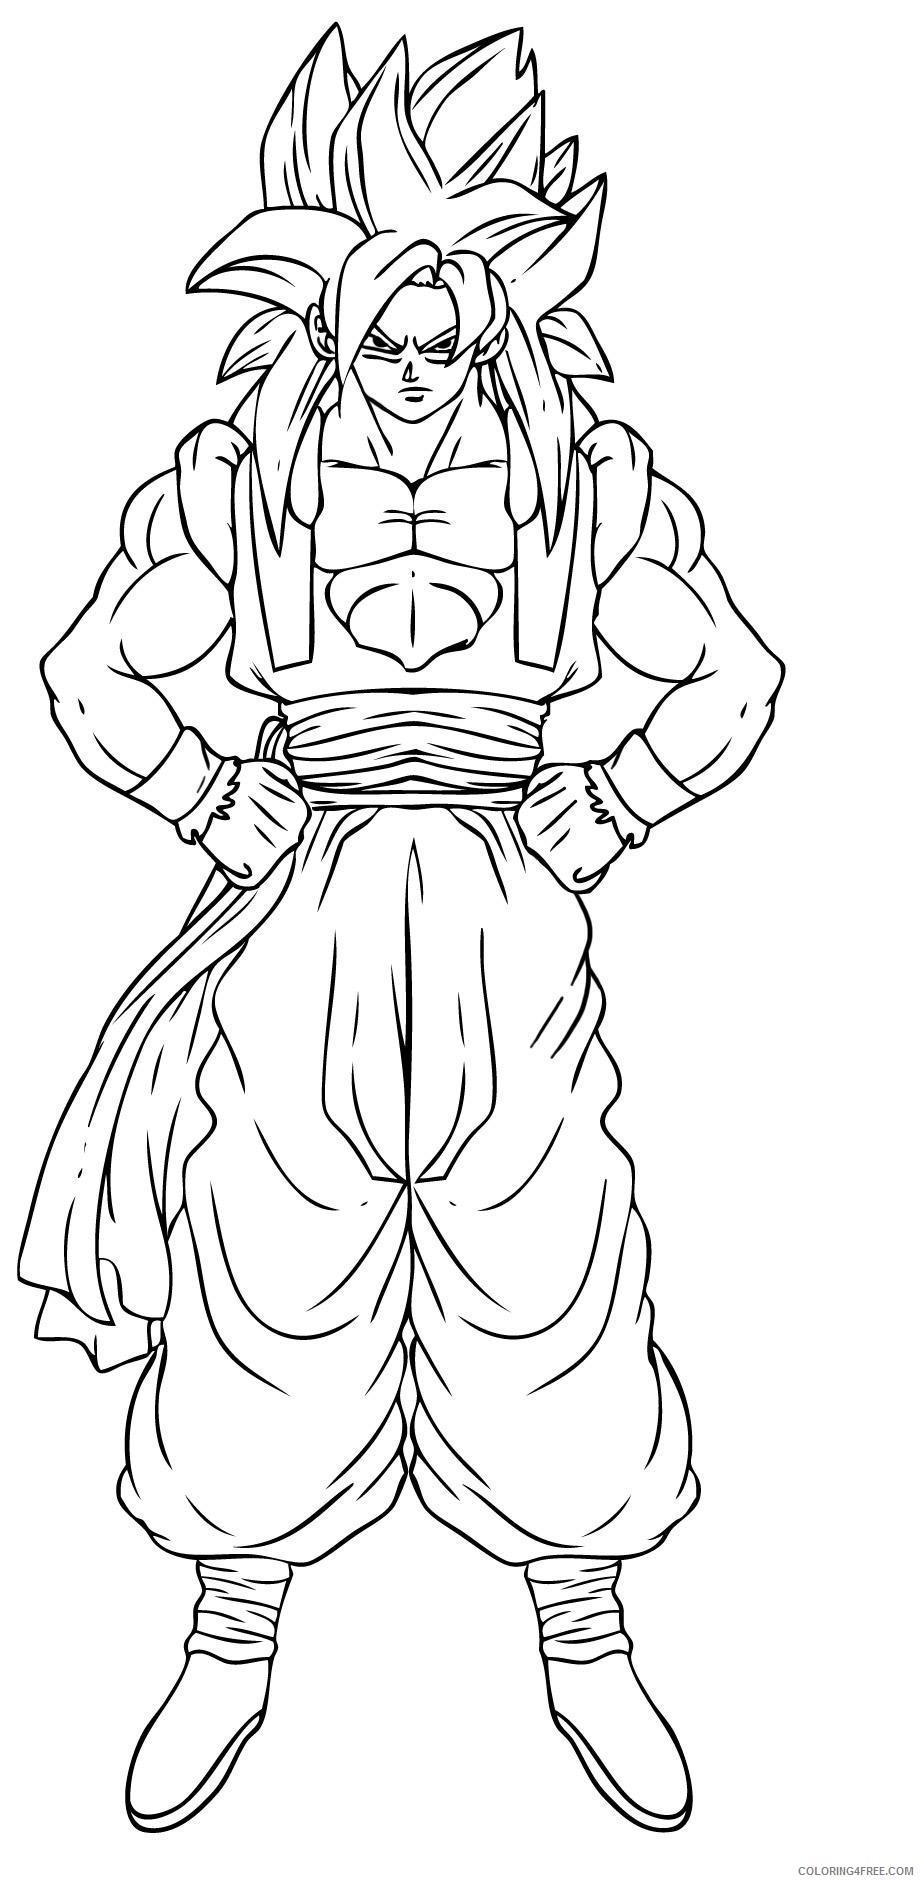 goku coloring pages super saiyan 4 fusion Coloring4free